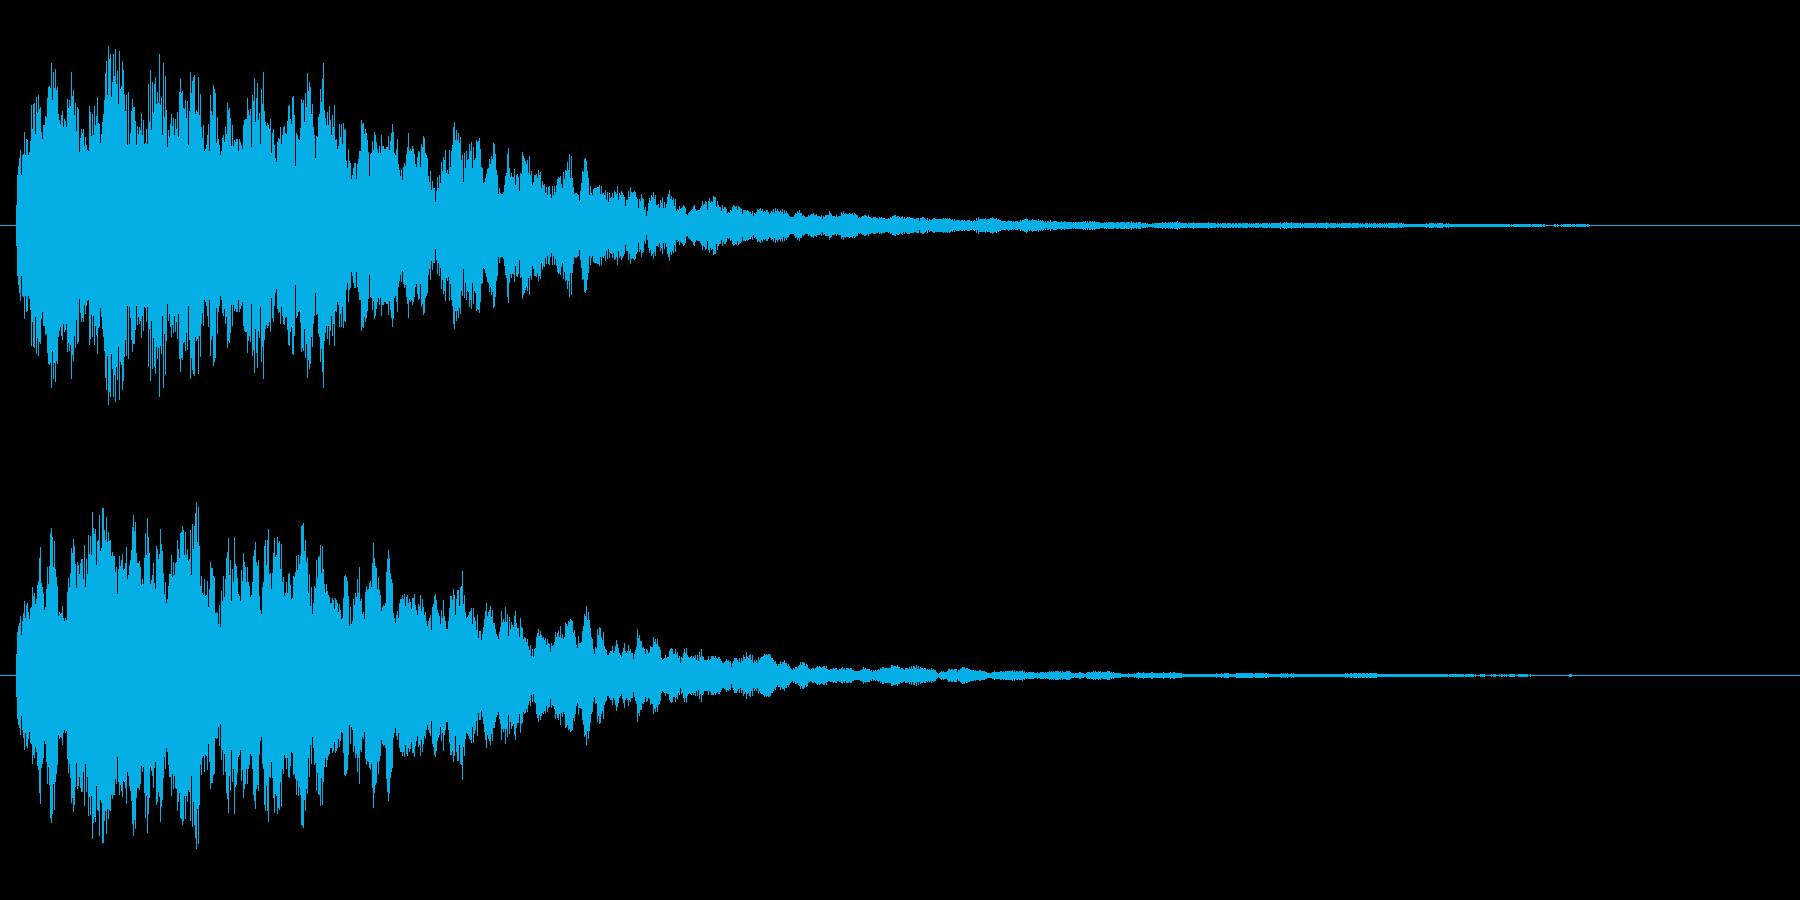 きらきら系(きれいな音)の再生済みの波形